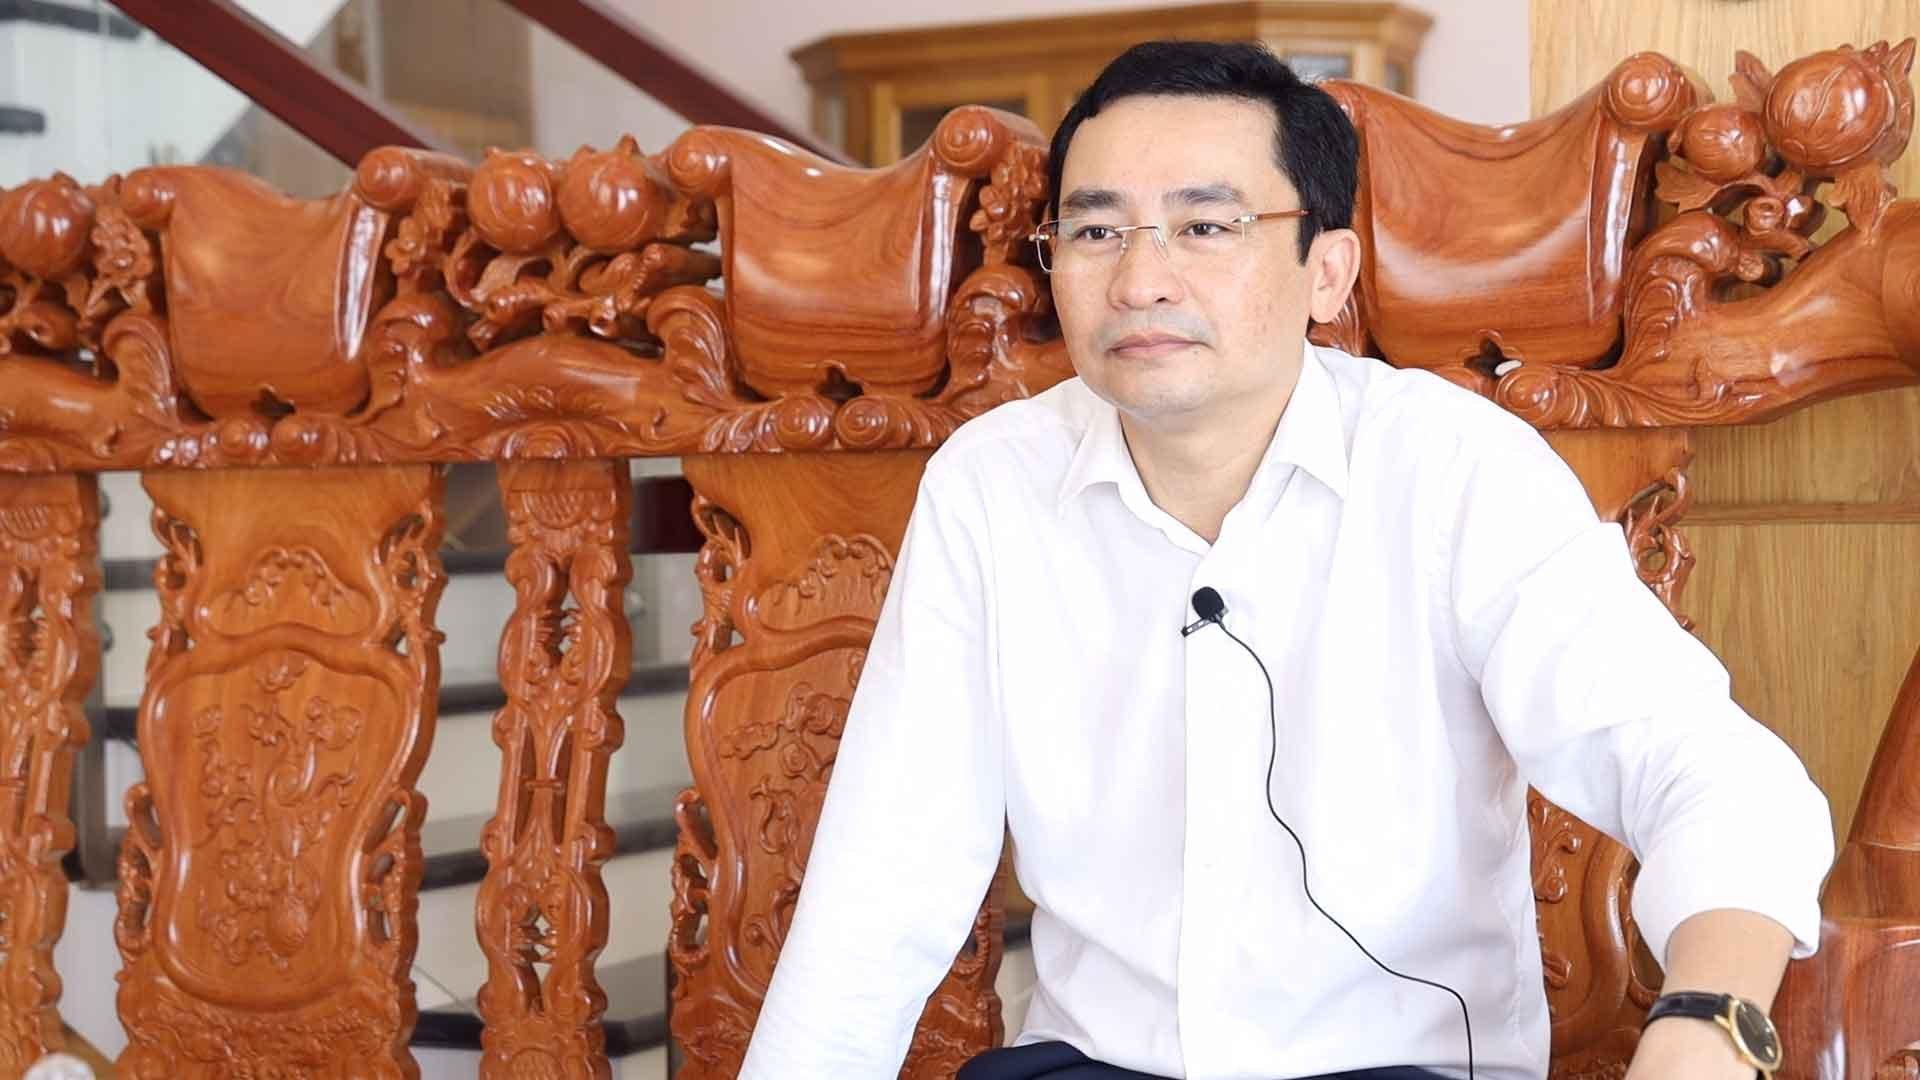 Anh Ngô Văn Toàn - Cư dân tại Biệt thự Đảo Phú Gia